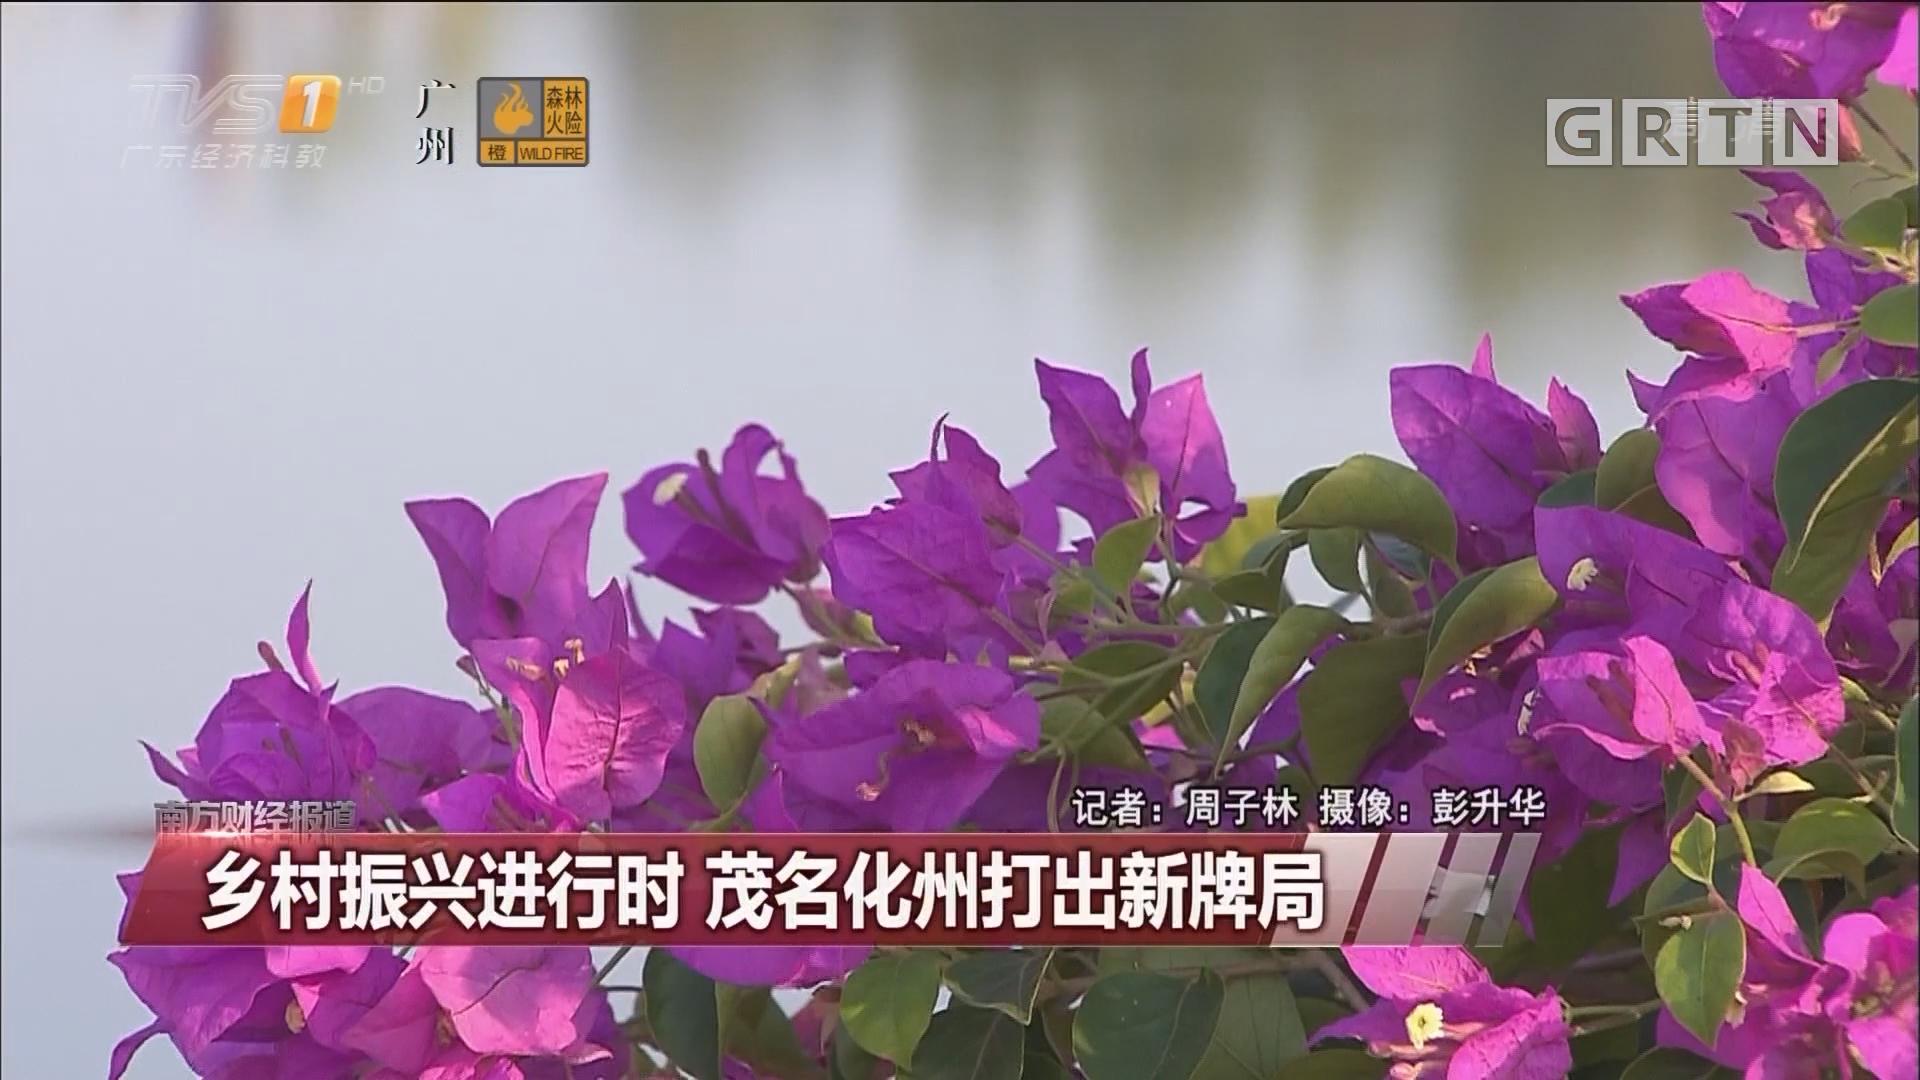 乡村振兴进行时 茂名化州打出新牌局